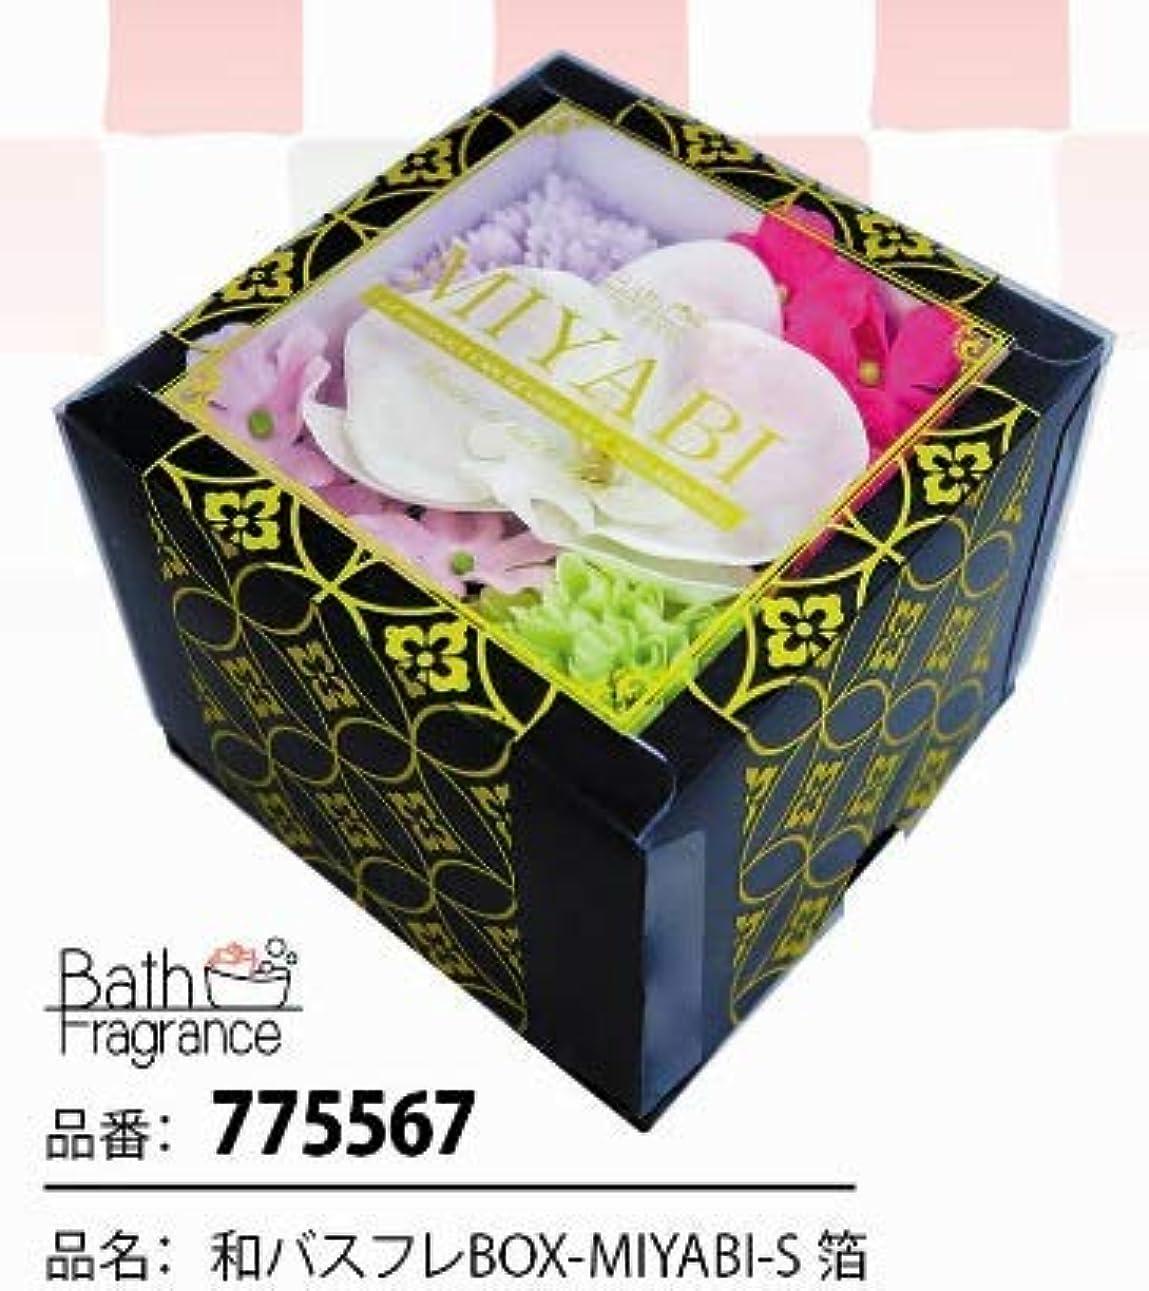 お酒推進力すごい花のカタチの入浴剤 和バスフレBOX-MIYABI-S箔 775567